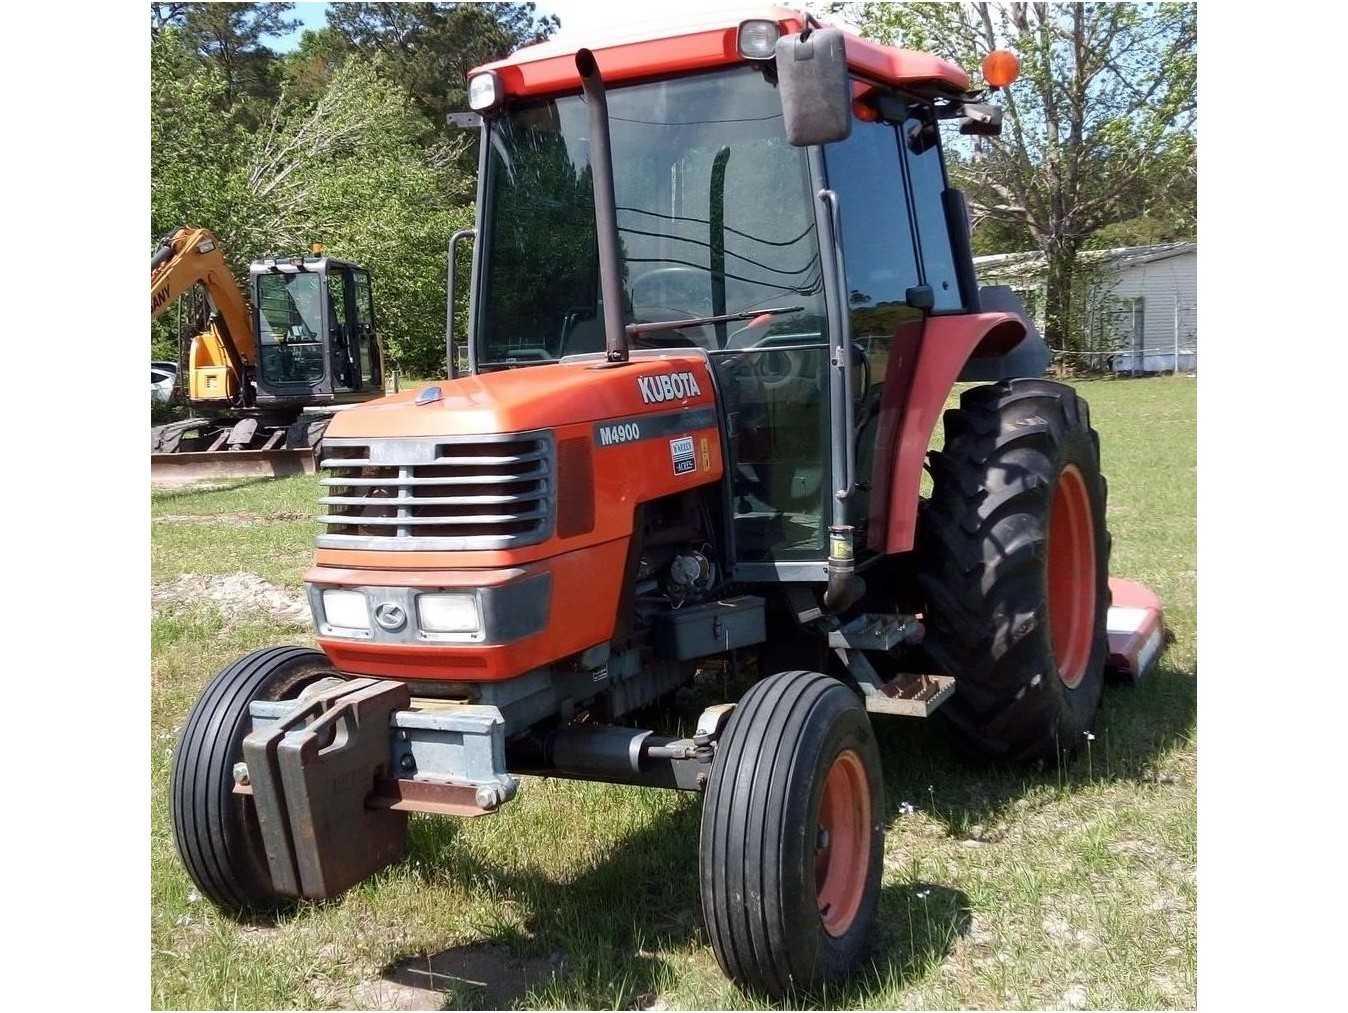 2000 KUBOTA M4900